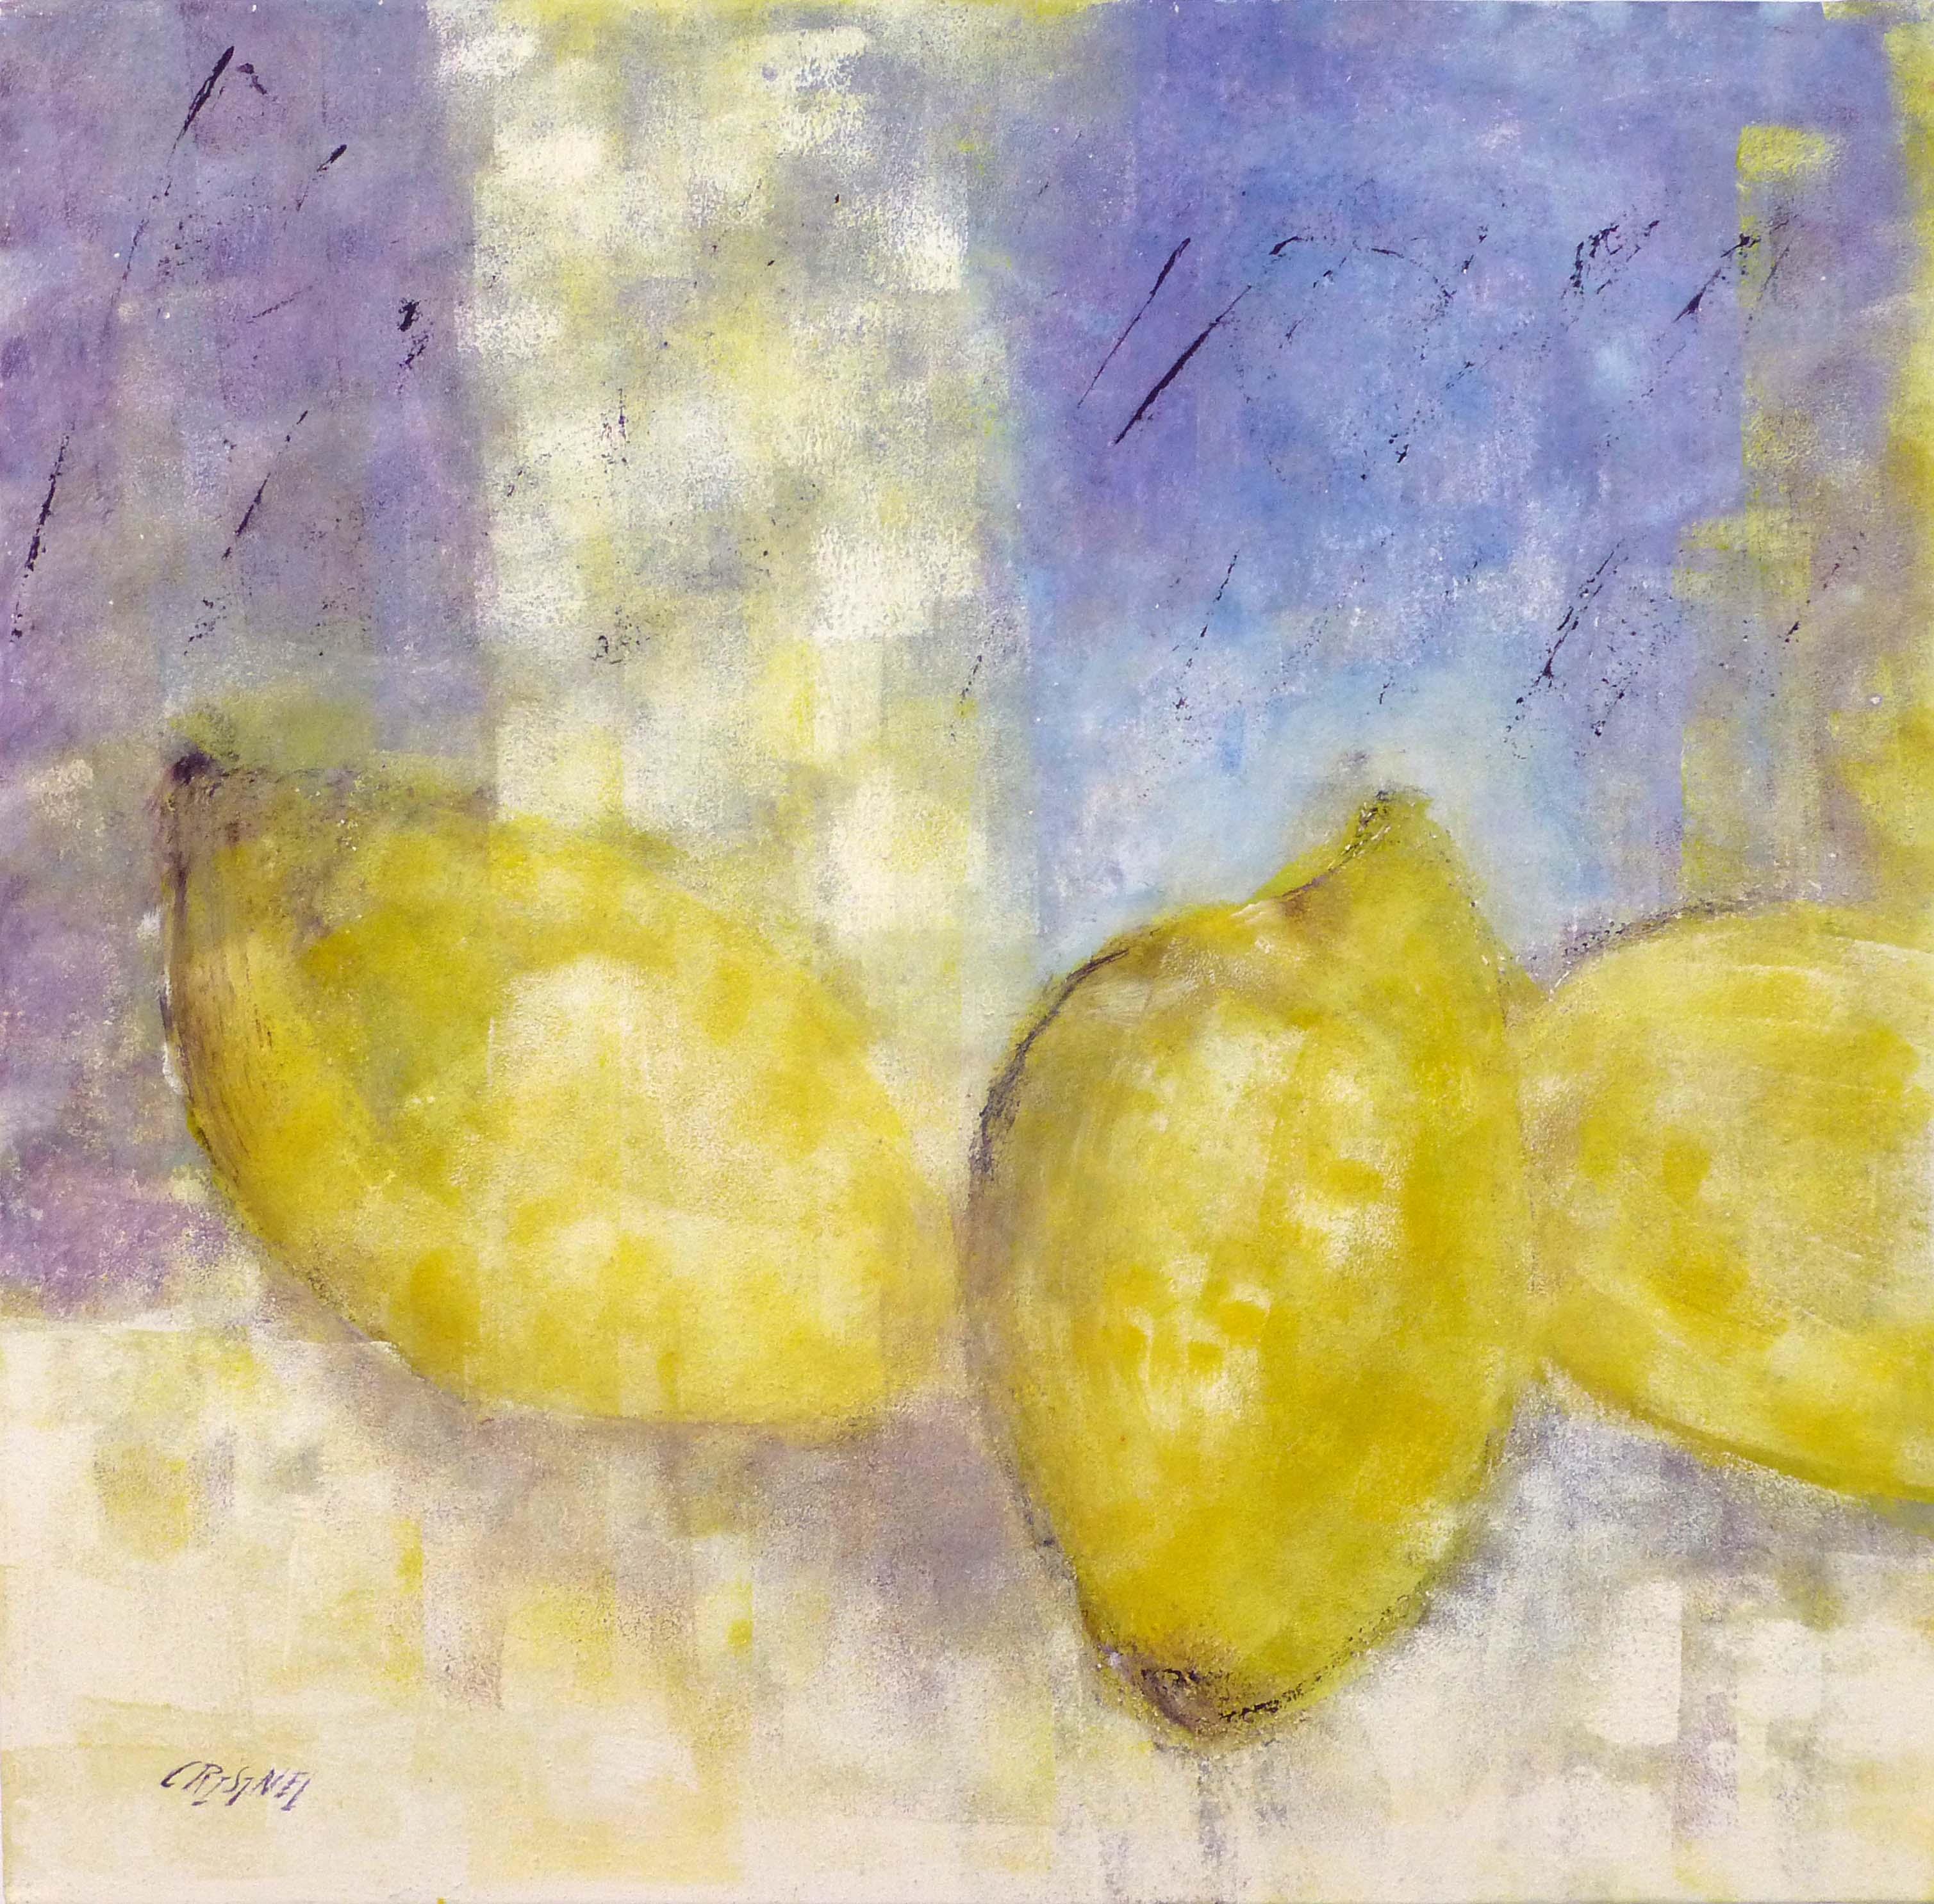 Les citrons by   CRISINEL - Masterpiece Online